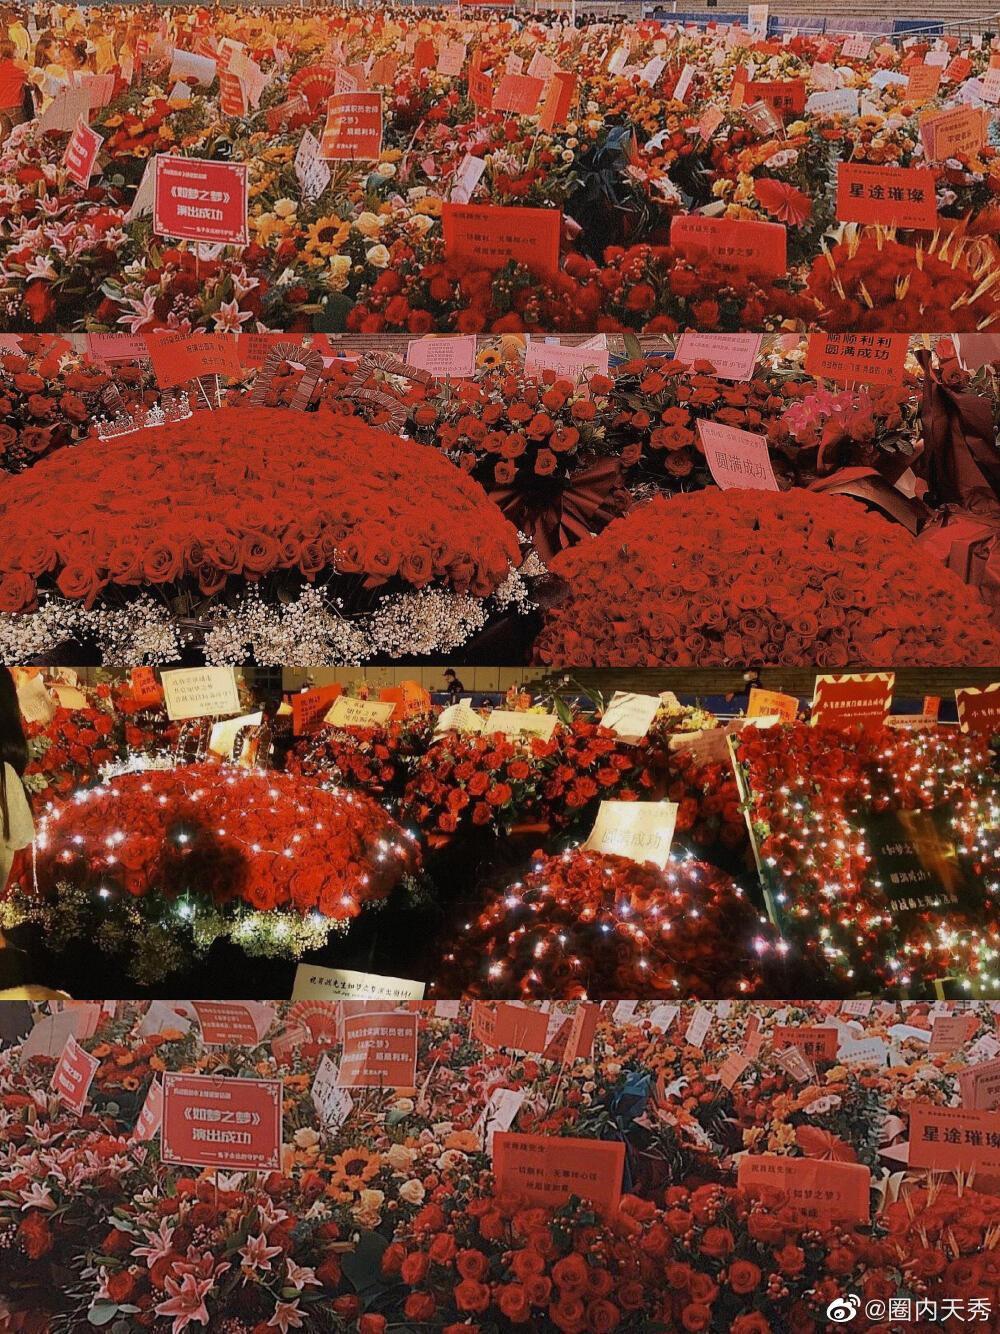 Một 'rừng hoa' của fan gửi trước nhà hát để chúc mừng Tiêu Chiến với vai diễn thành công rực rỡ Ảnh 10